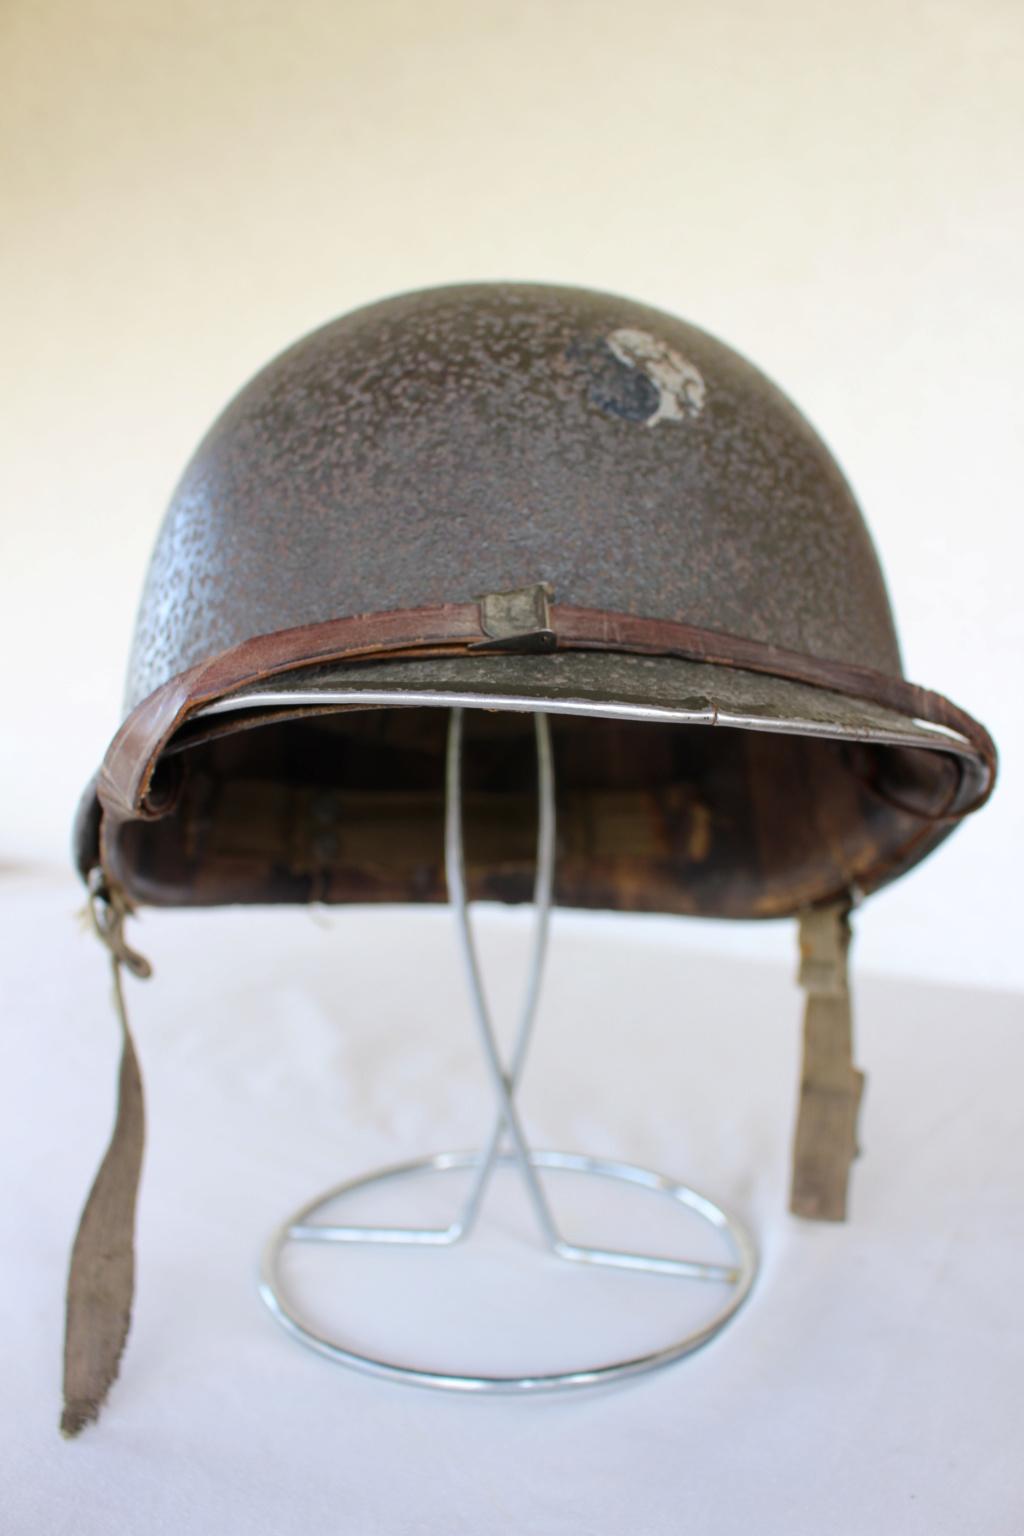 casque 29div infantry Casque10